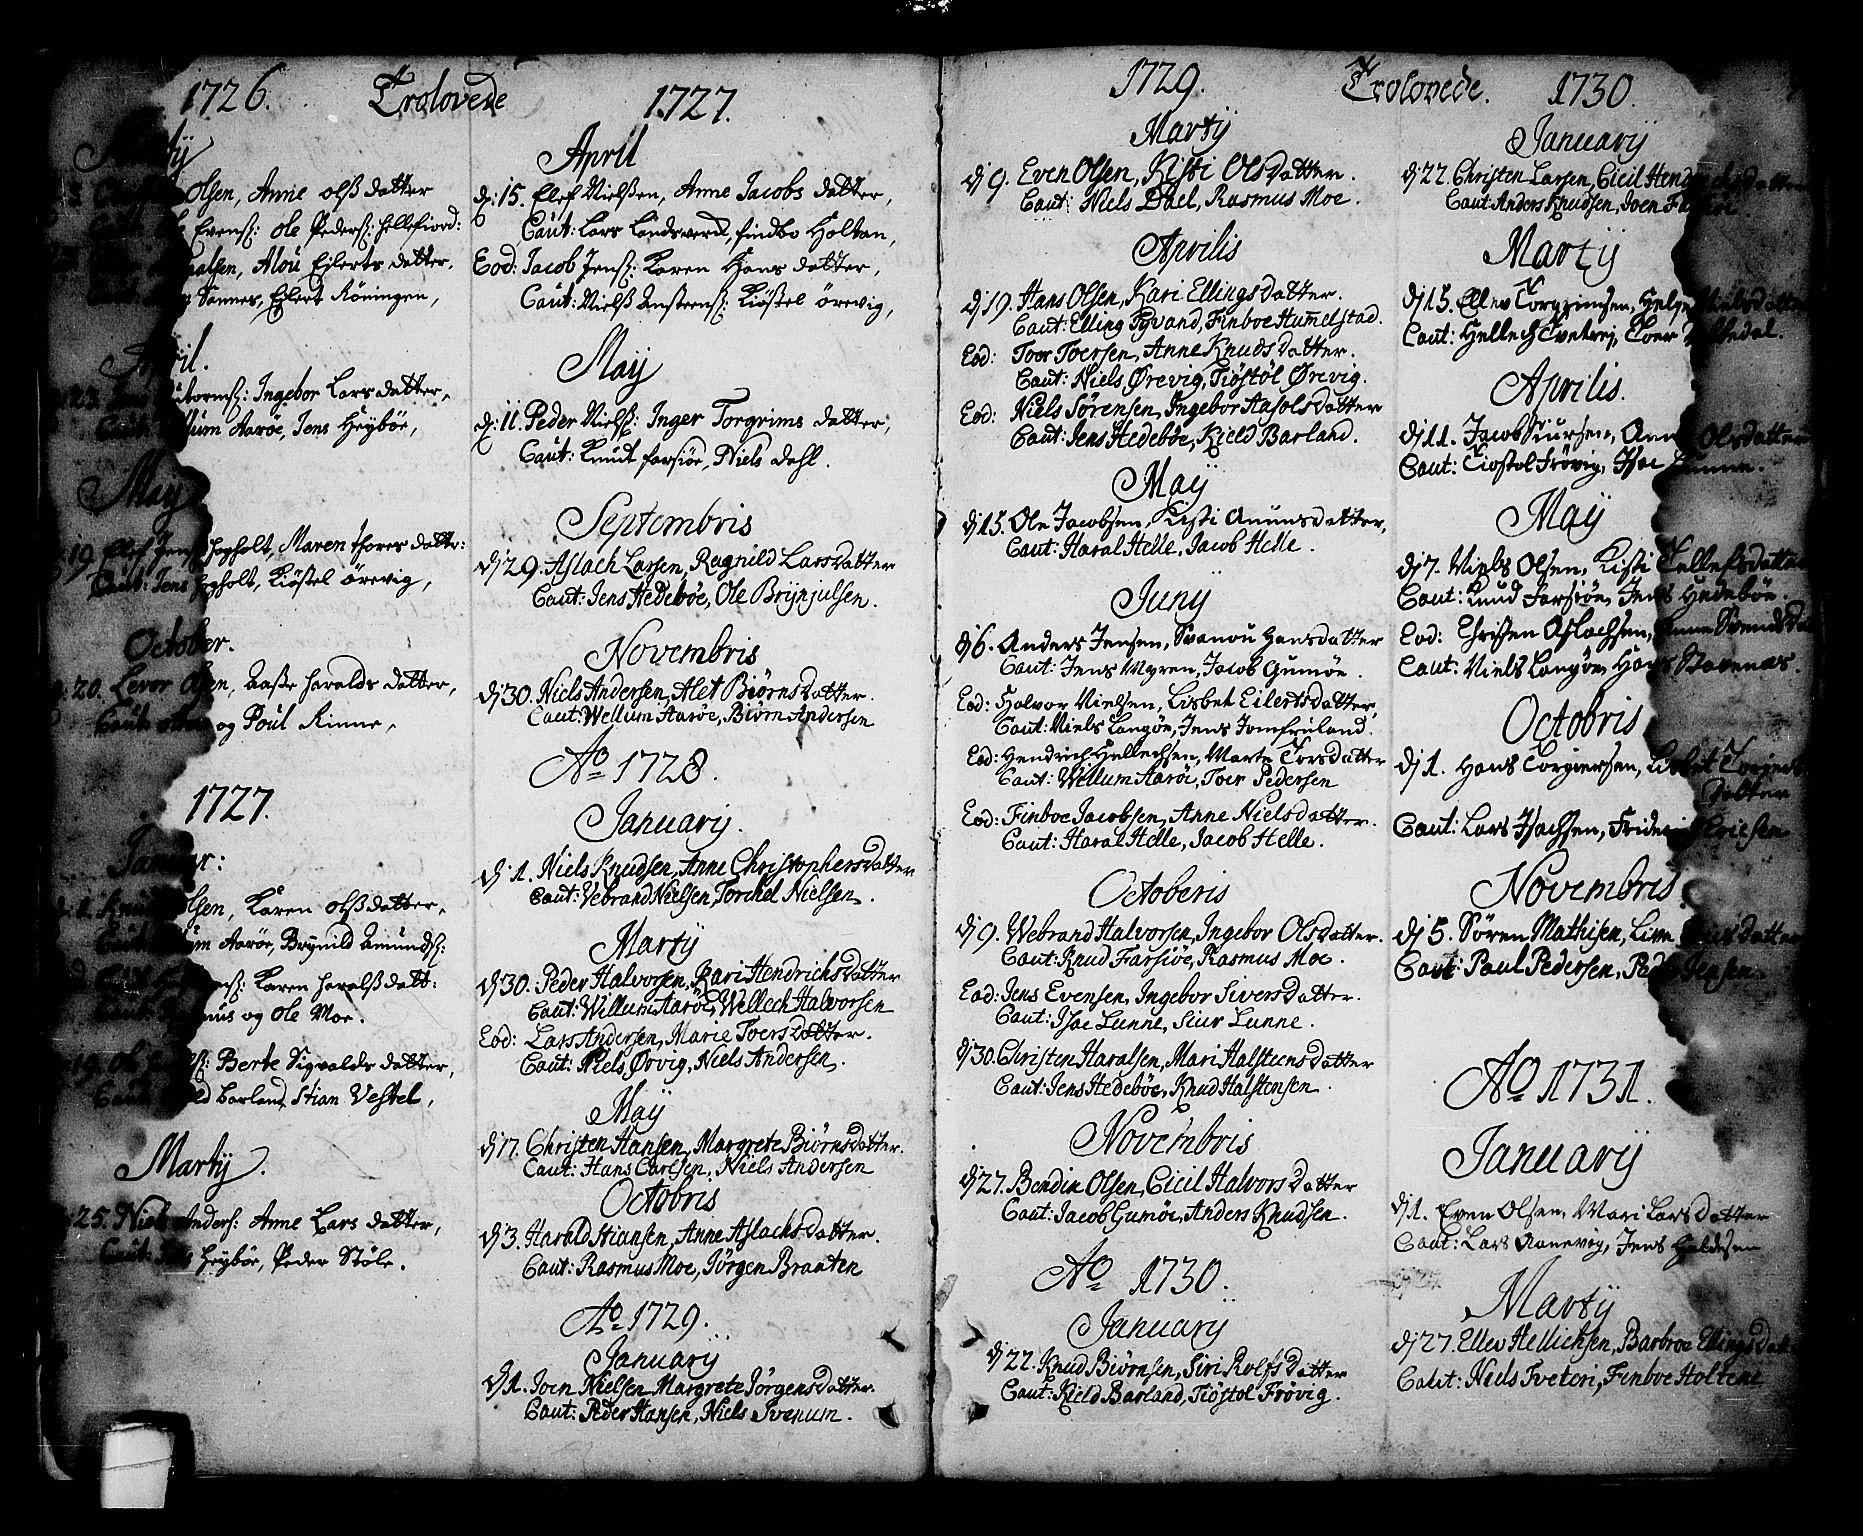 SAKO, Sannidal kirkebøker, F/Fa/L0001: Ministerialbok nr. 1, 1702-1766, s. 8-9